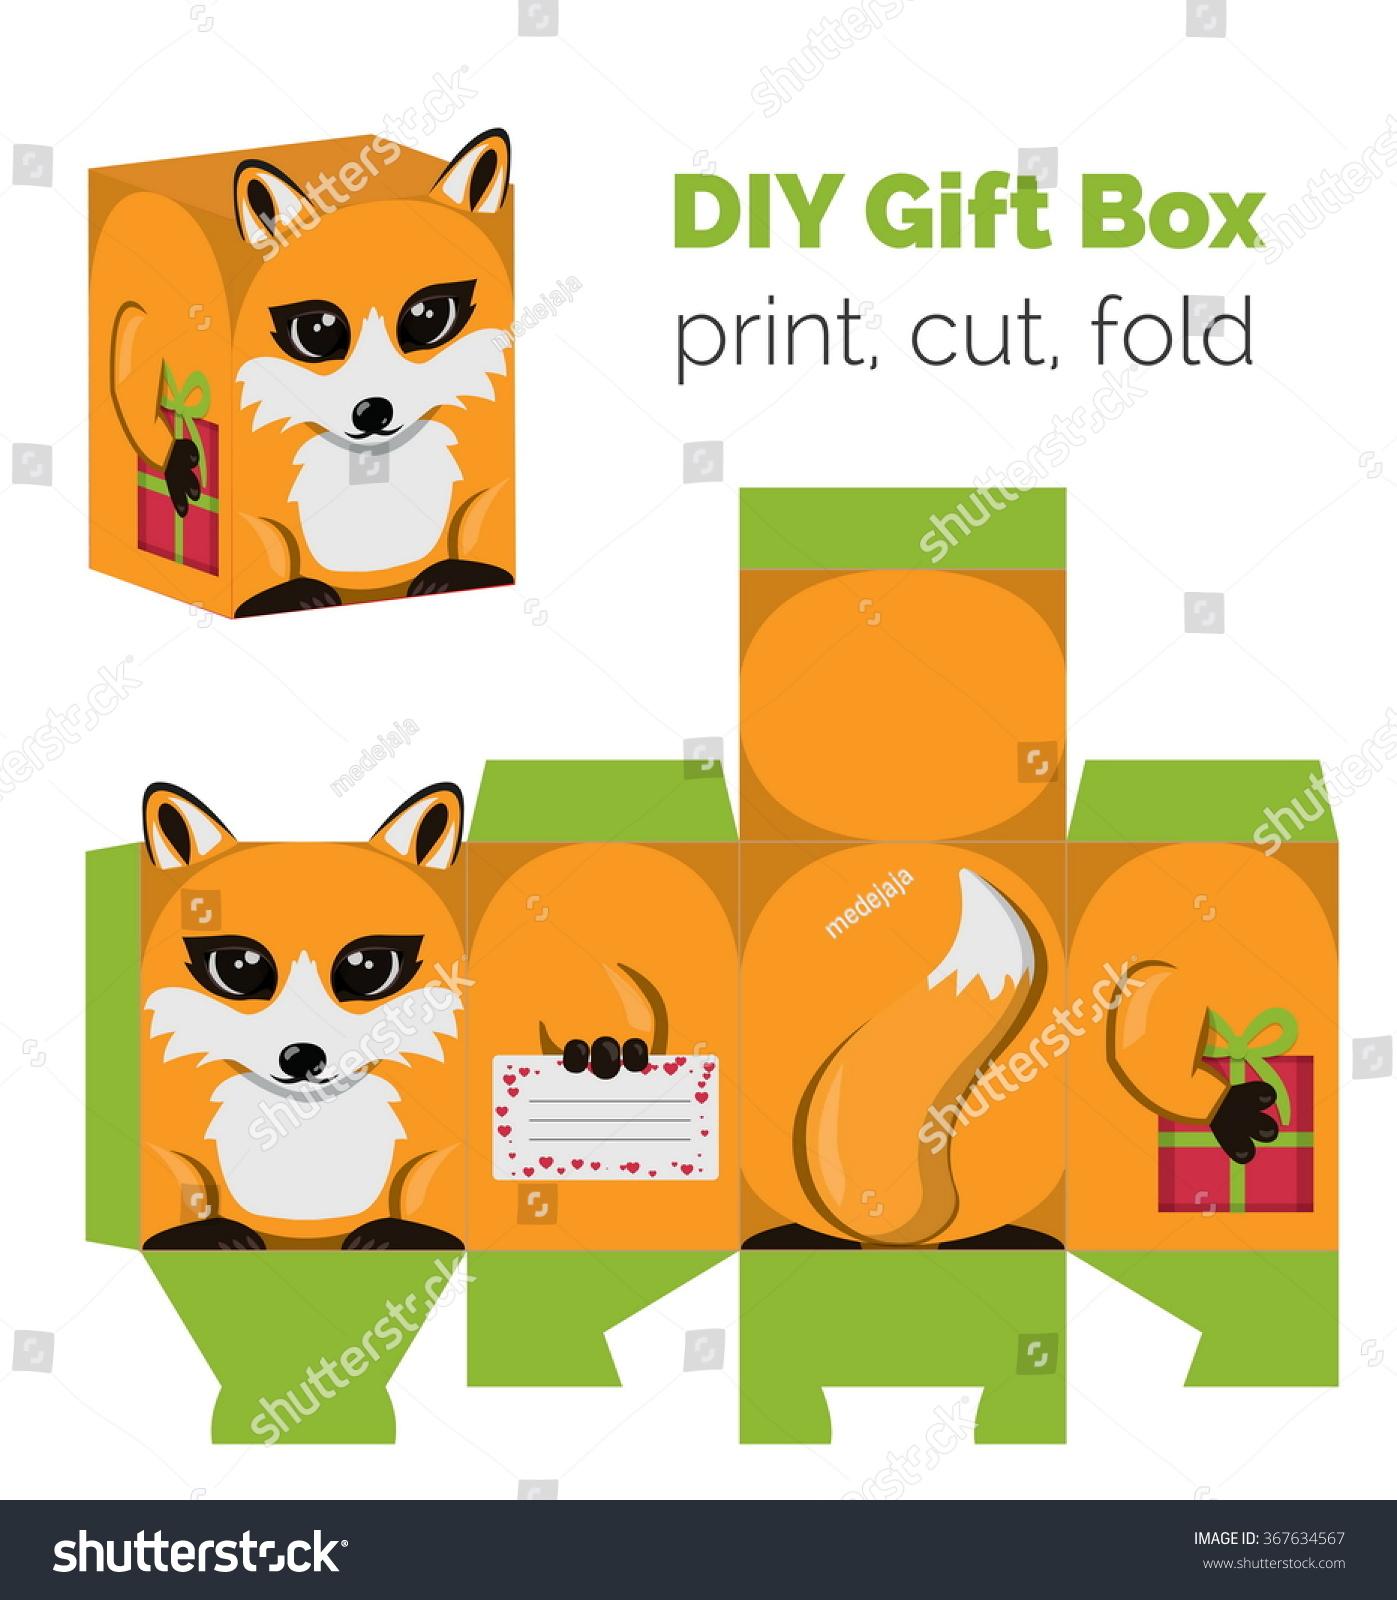 adorable do yourself fox gift box stock vector royalty free